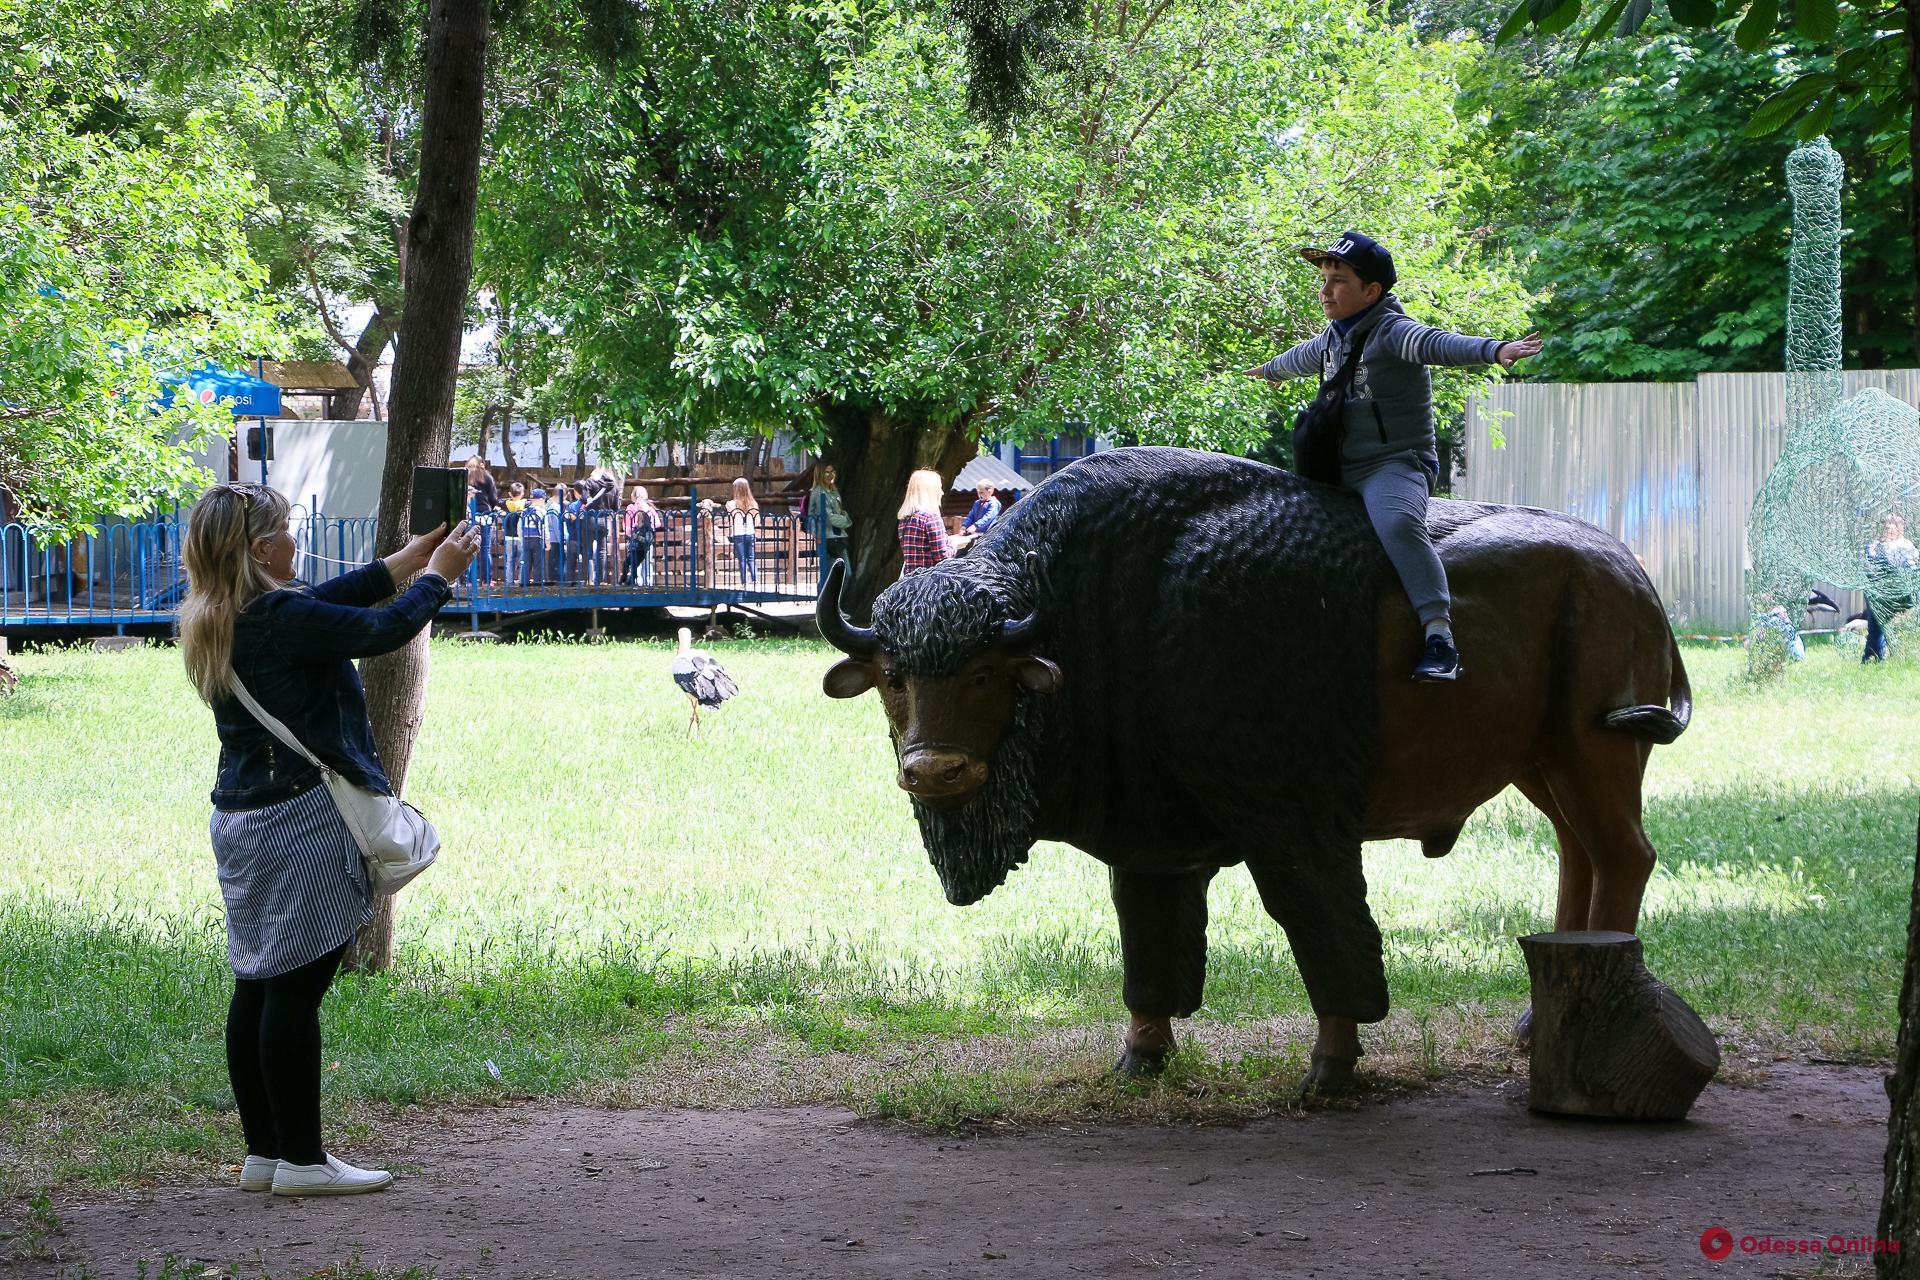 День защиты детей в Одесском зоопарке: аншлаг даже без традиционного праздника (фоторепортаж)